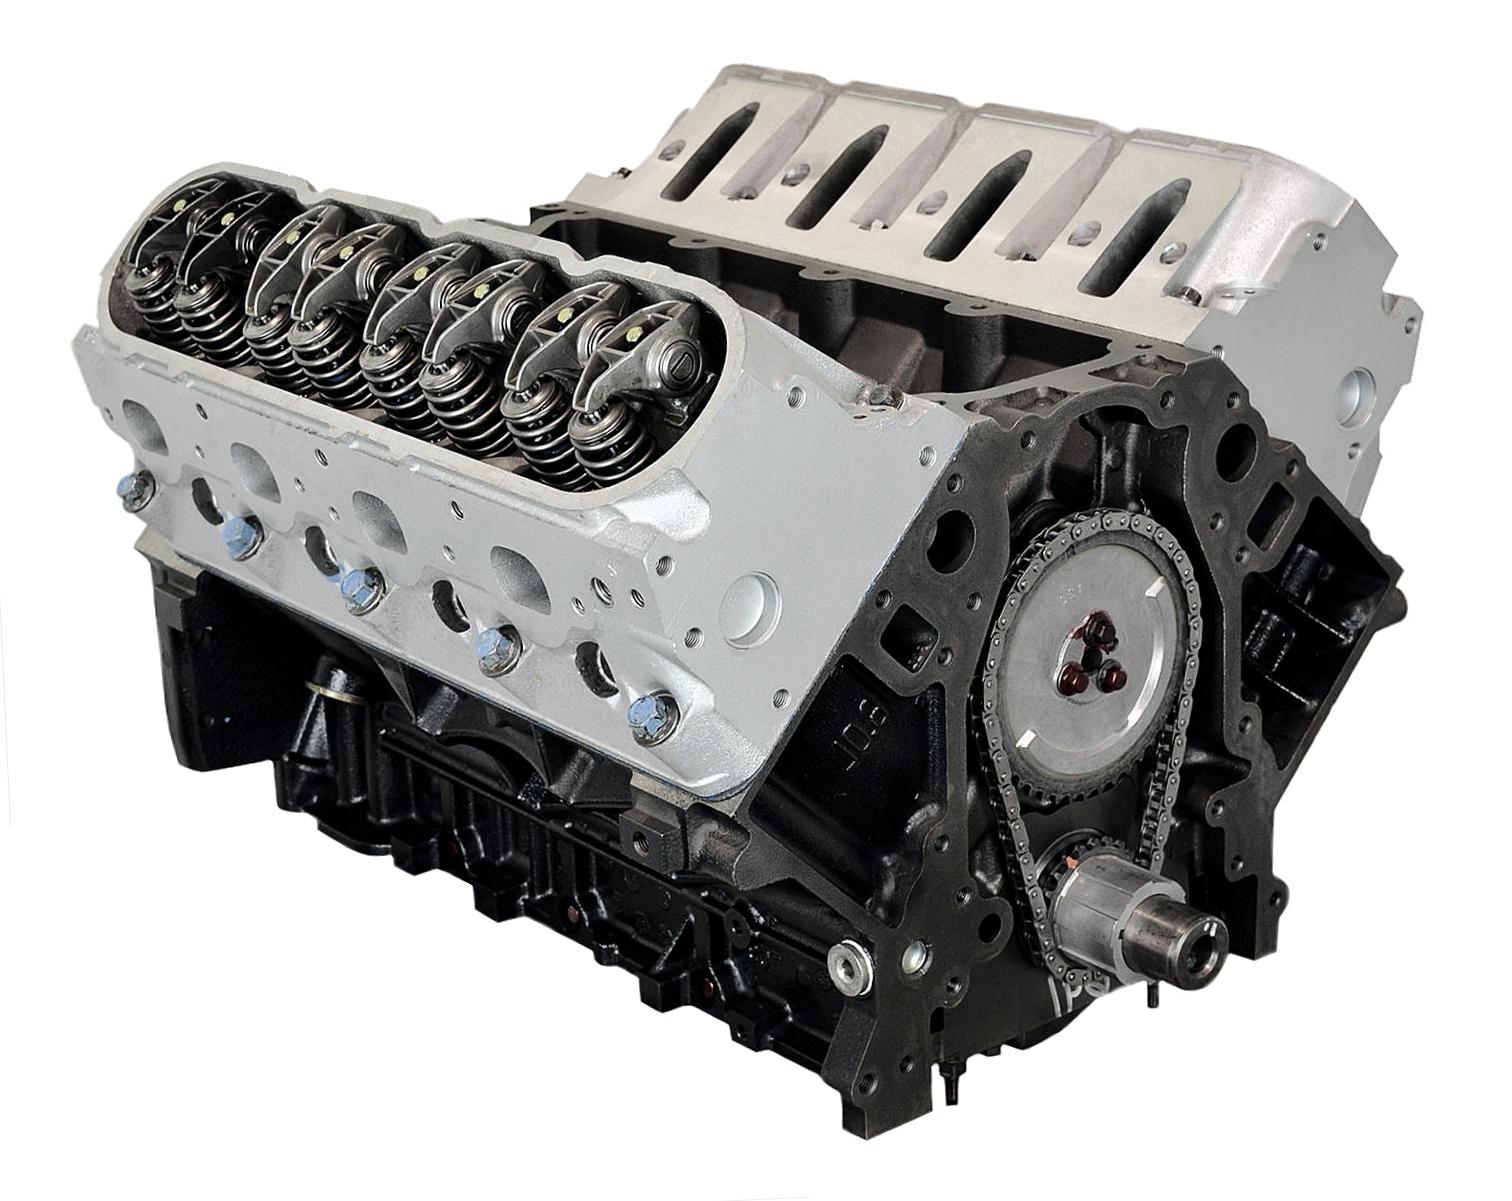 GMC Savana 1500 - 5.3 LM7 Engine - 2003-2007 (Vin Code: T)